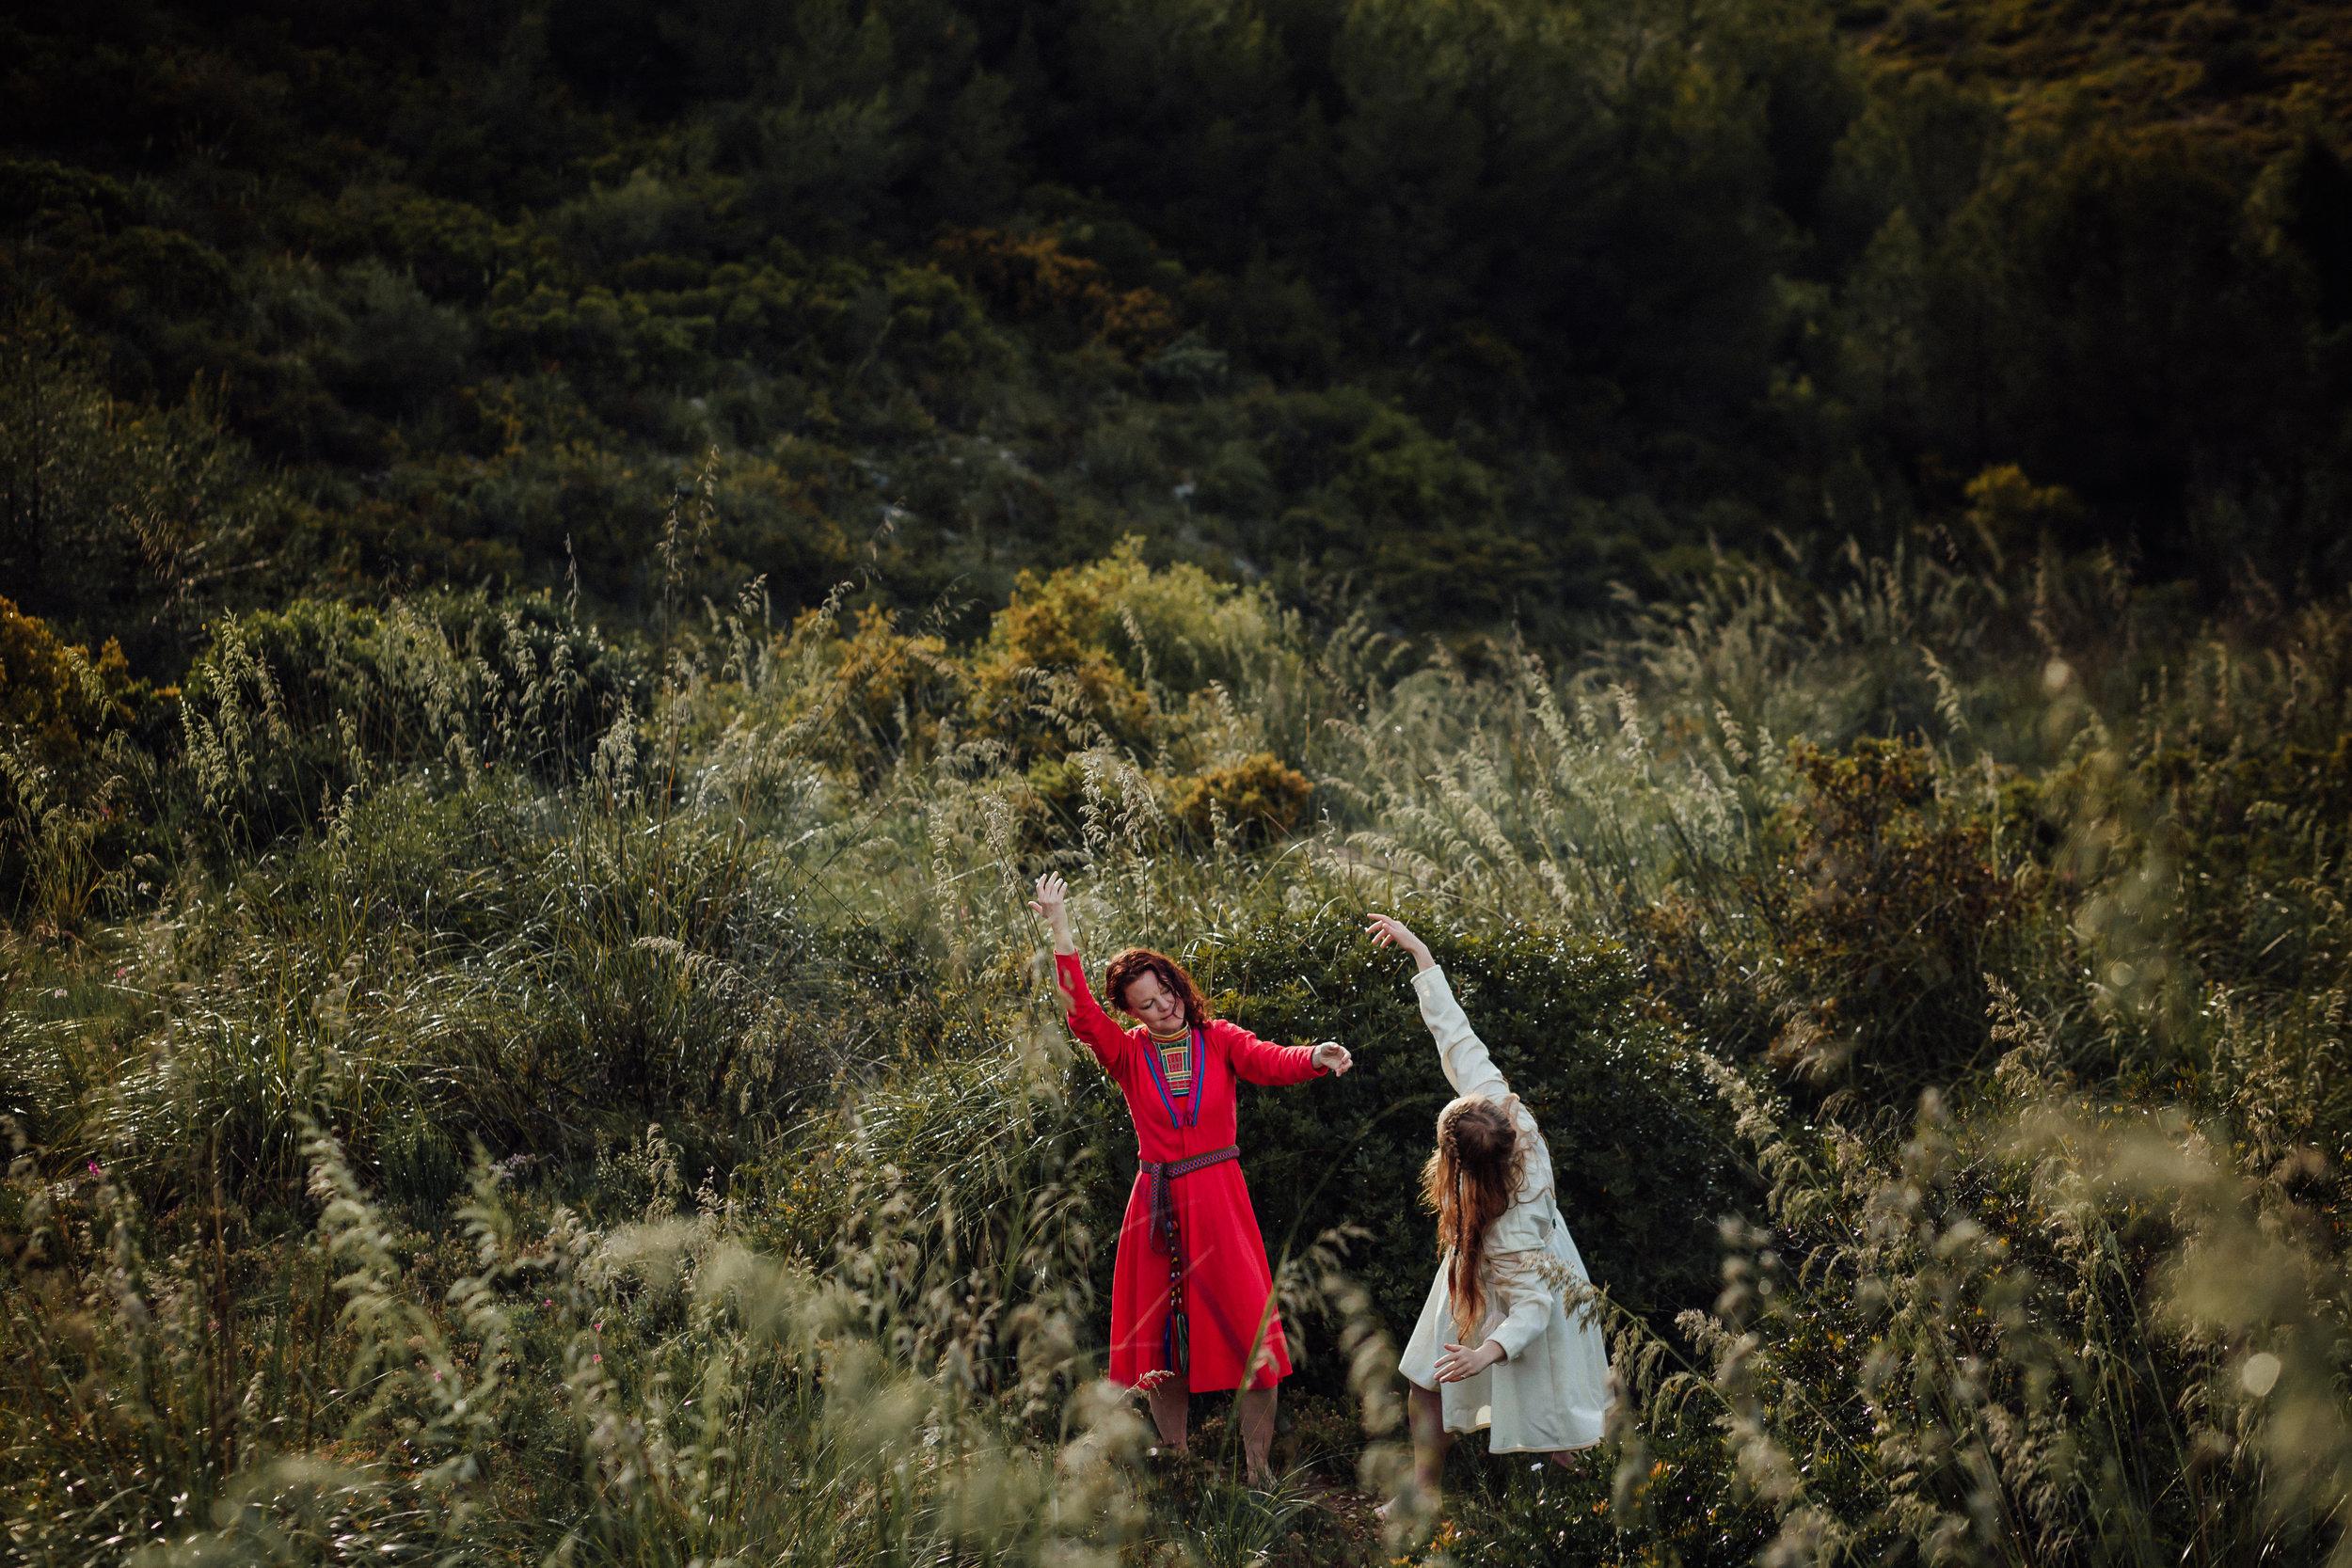 Liv- sami - masters dance- may 18 (28 of 86).jpg